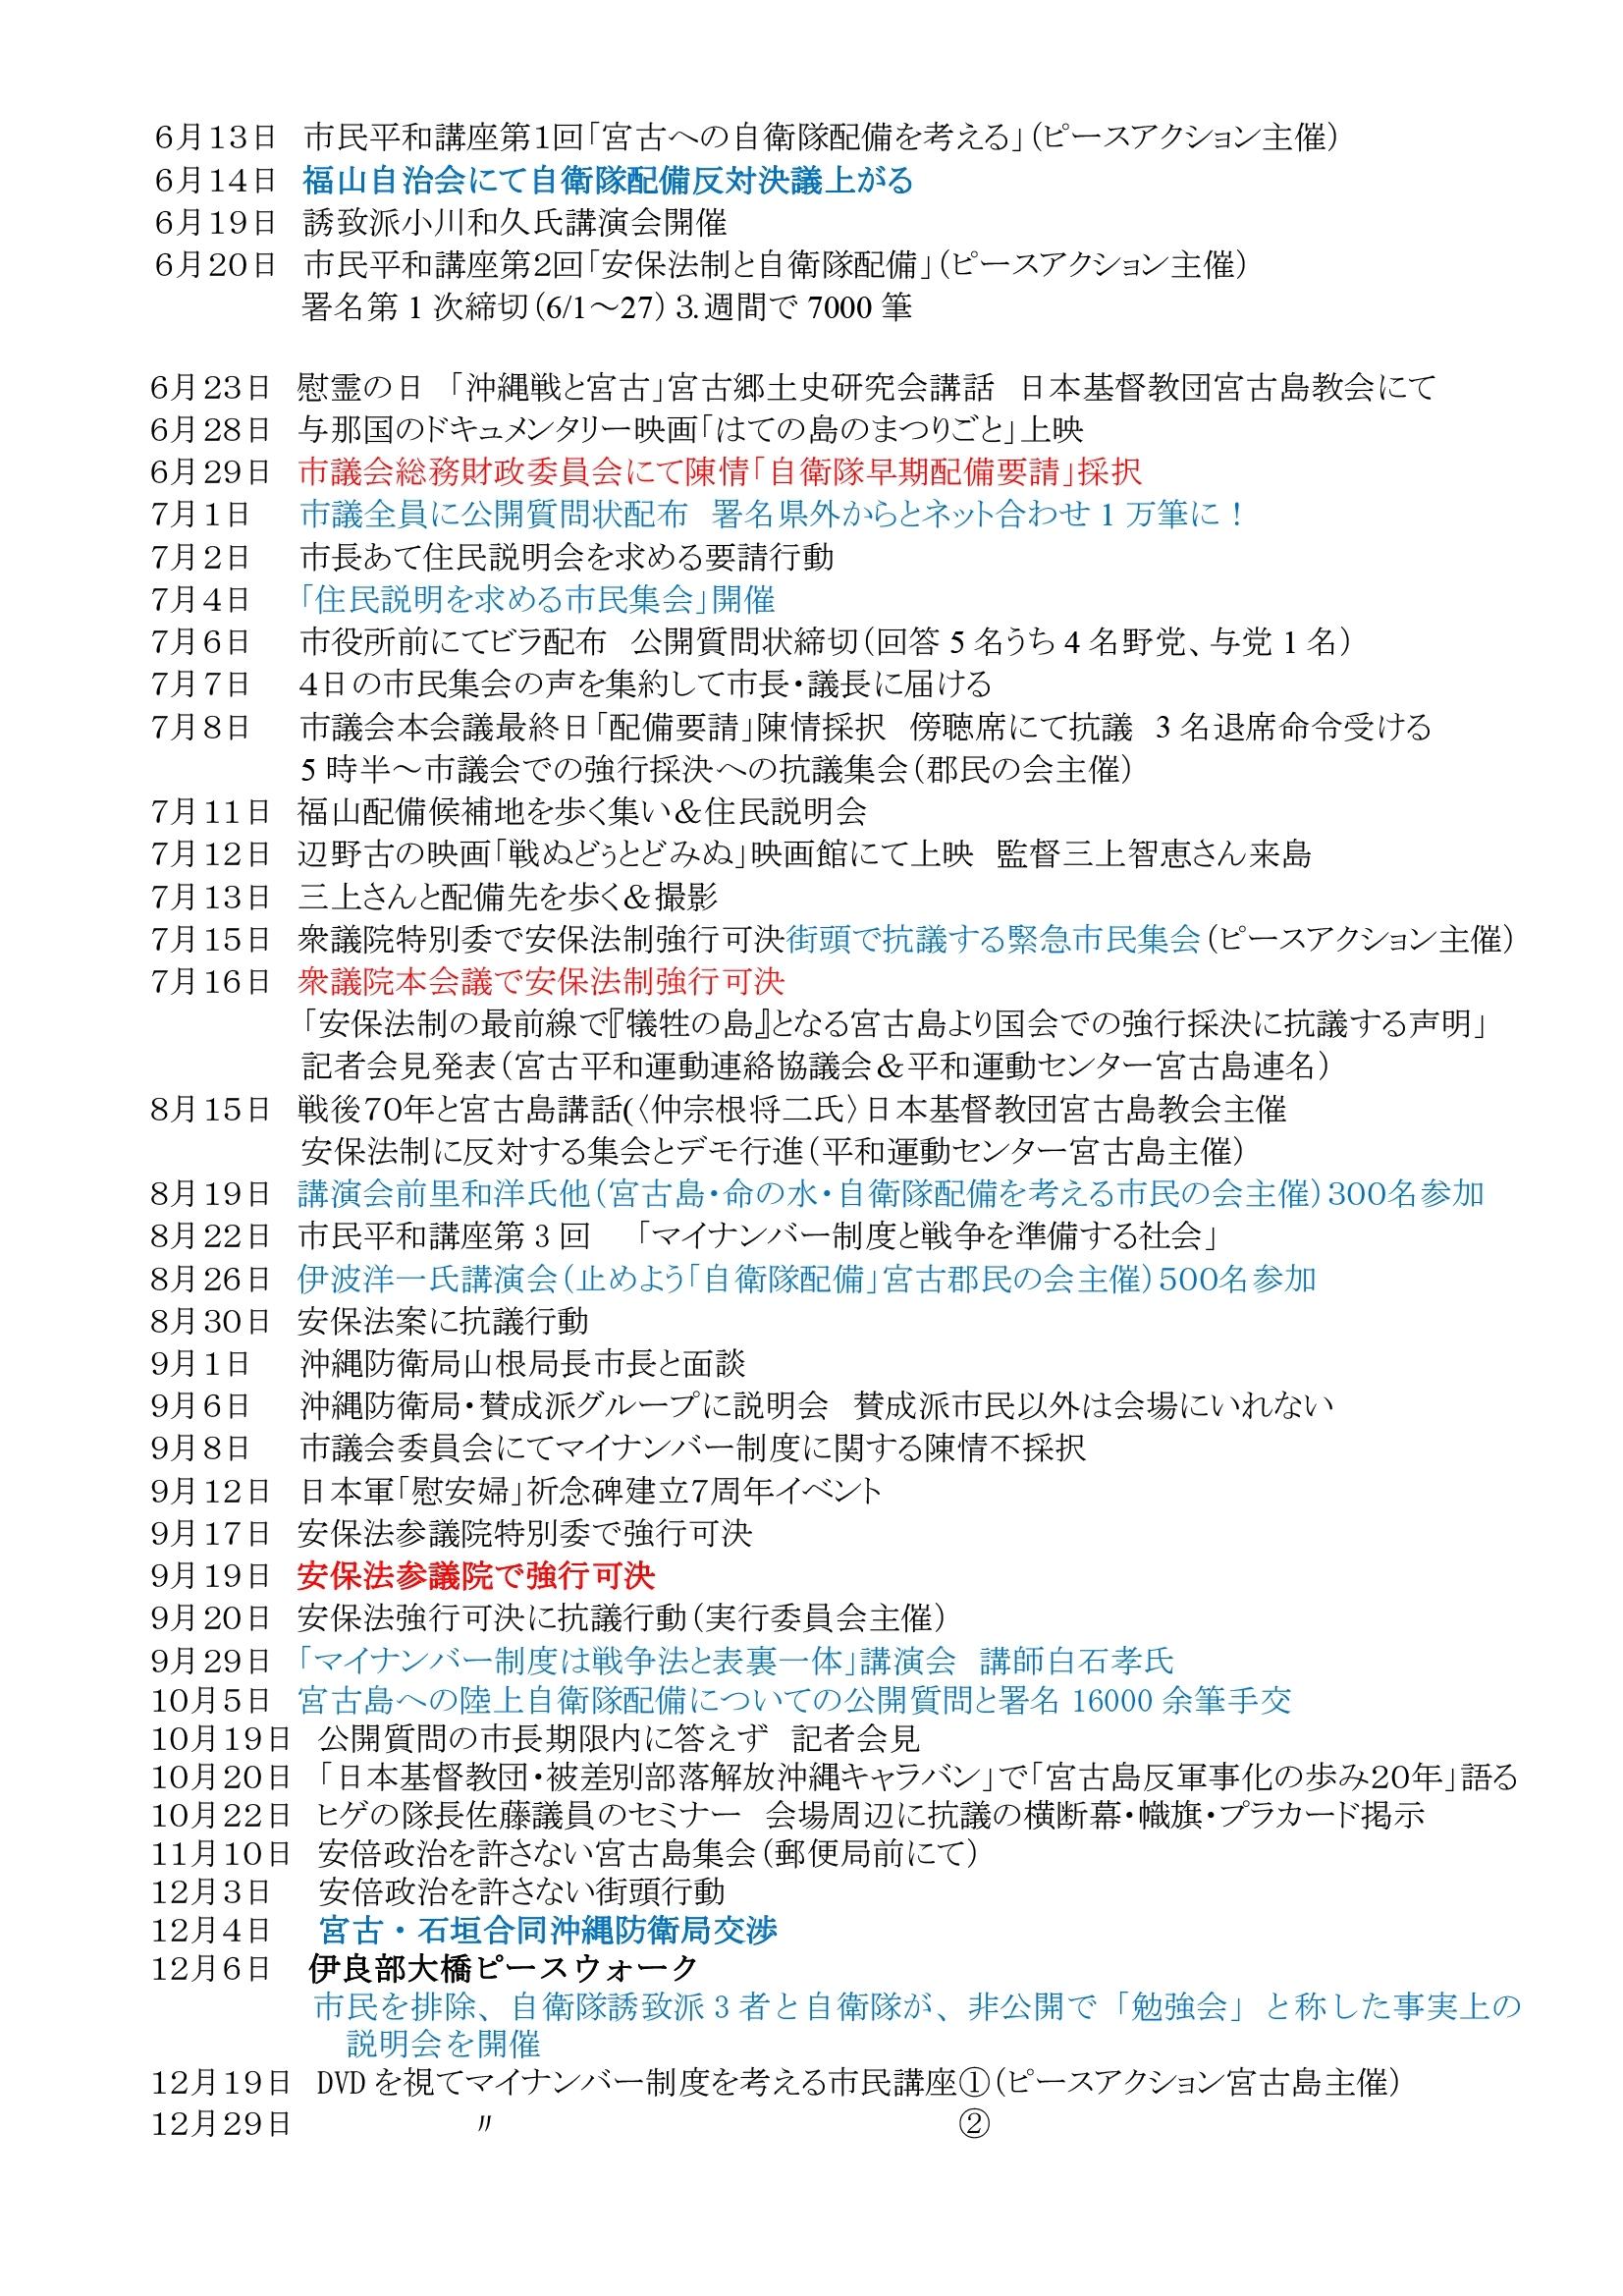 年表:宮古島における反軍反基地の闘い2010~2020 05